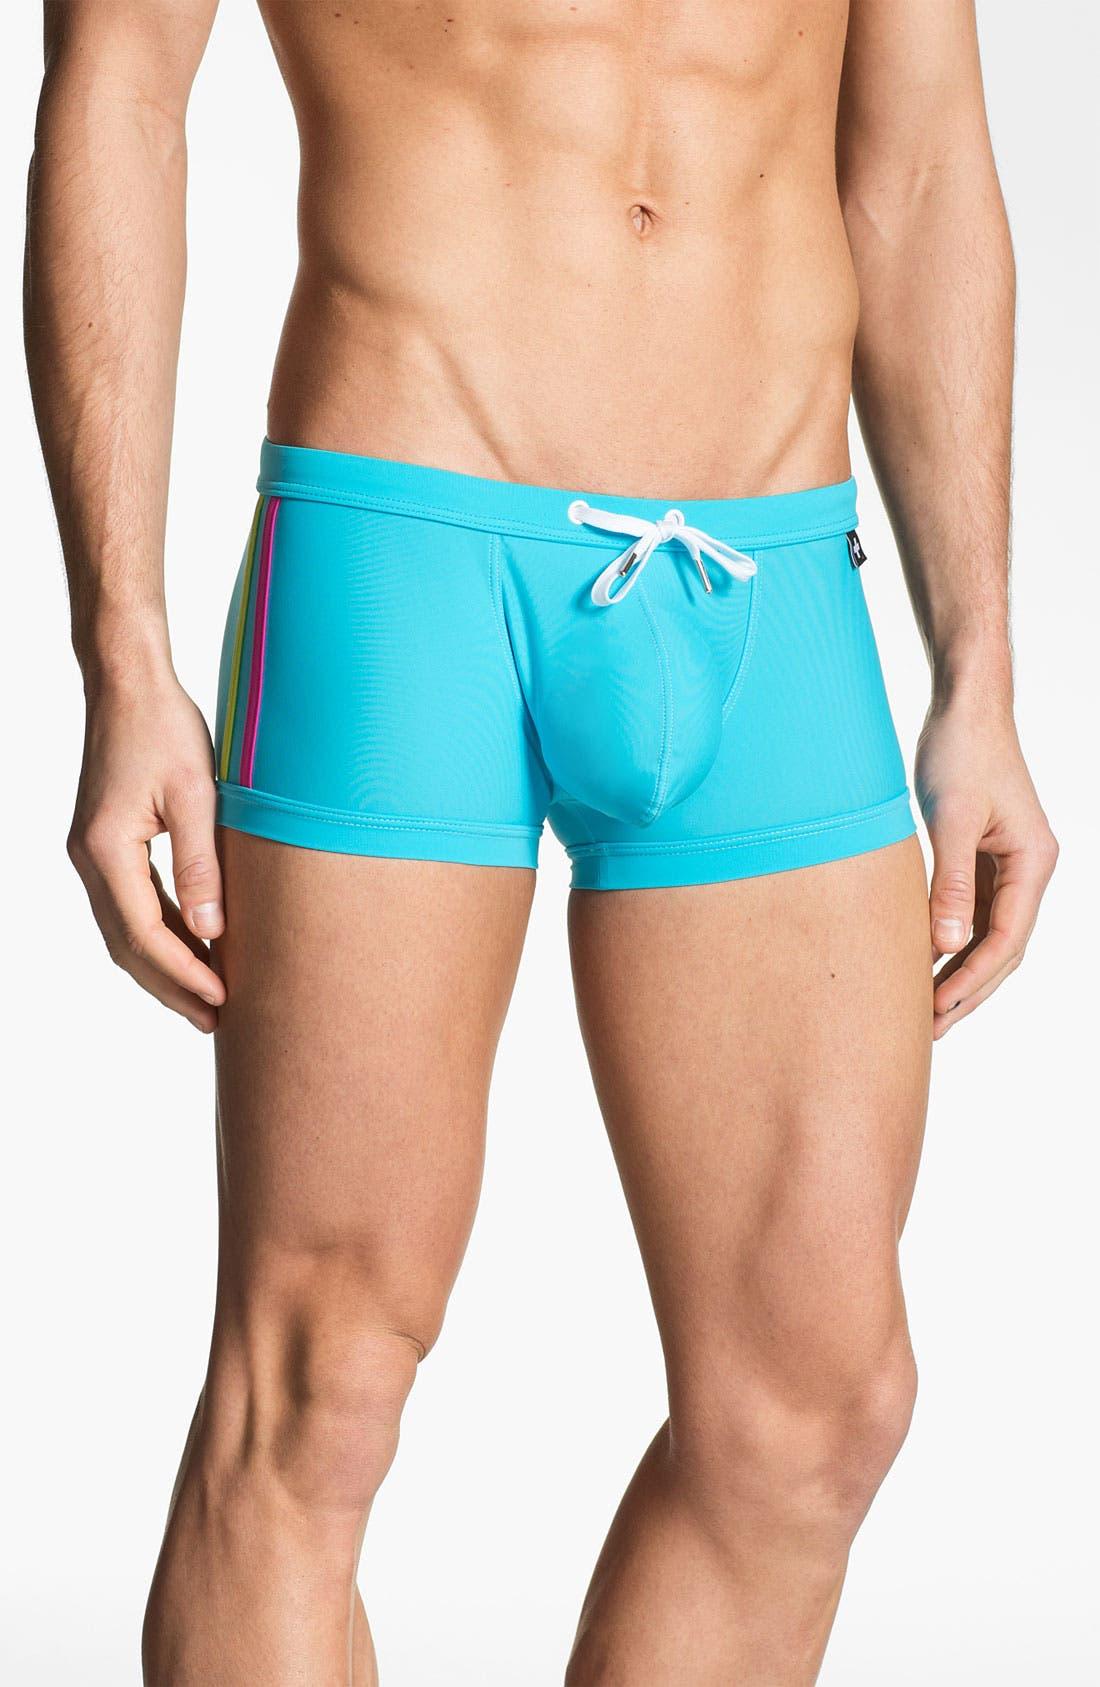 Main Image - Andrew Christian 'Almost Naked - Triathlon' Swim Trunks